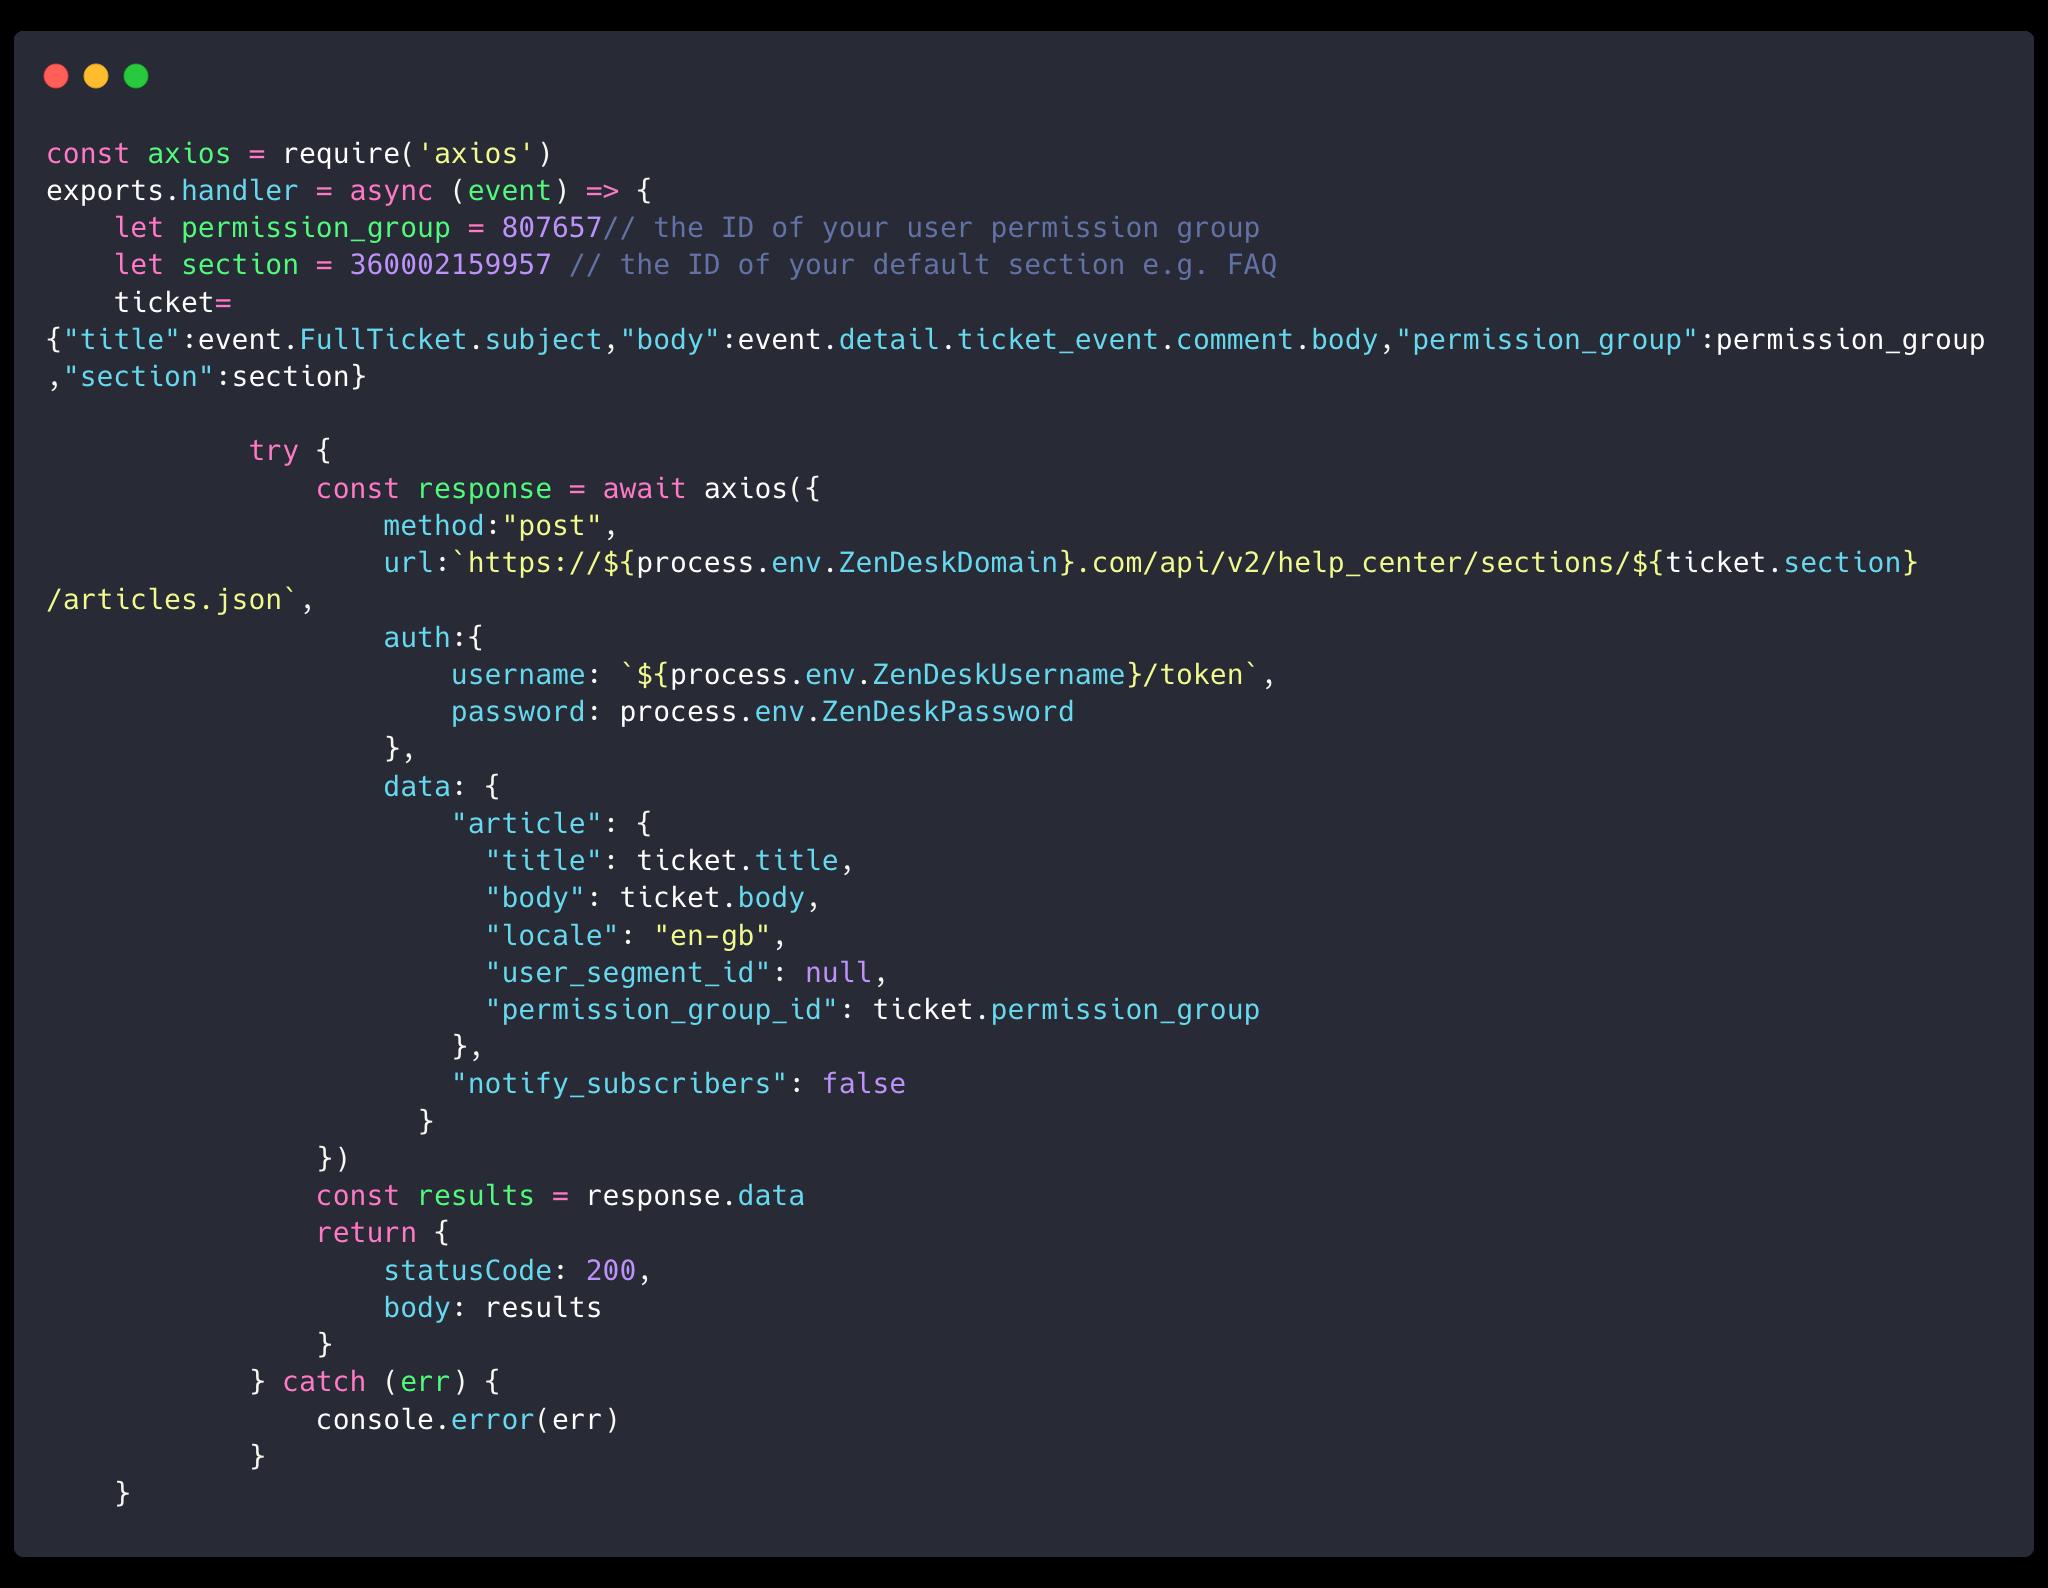 AWS Lambda function code